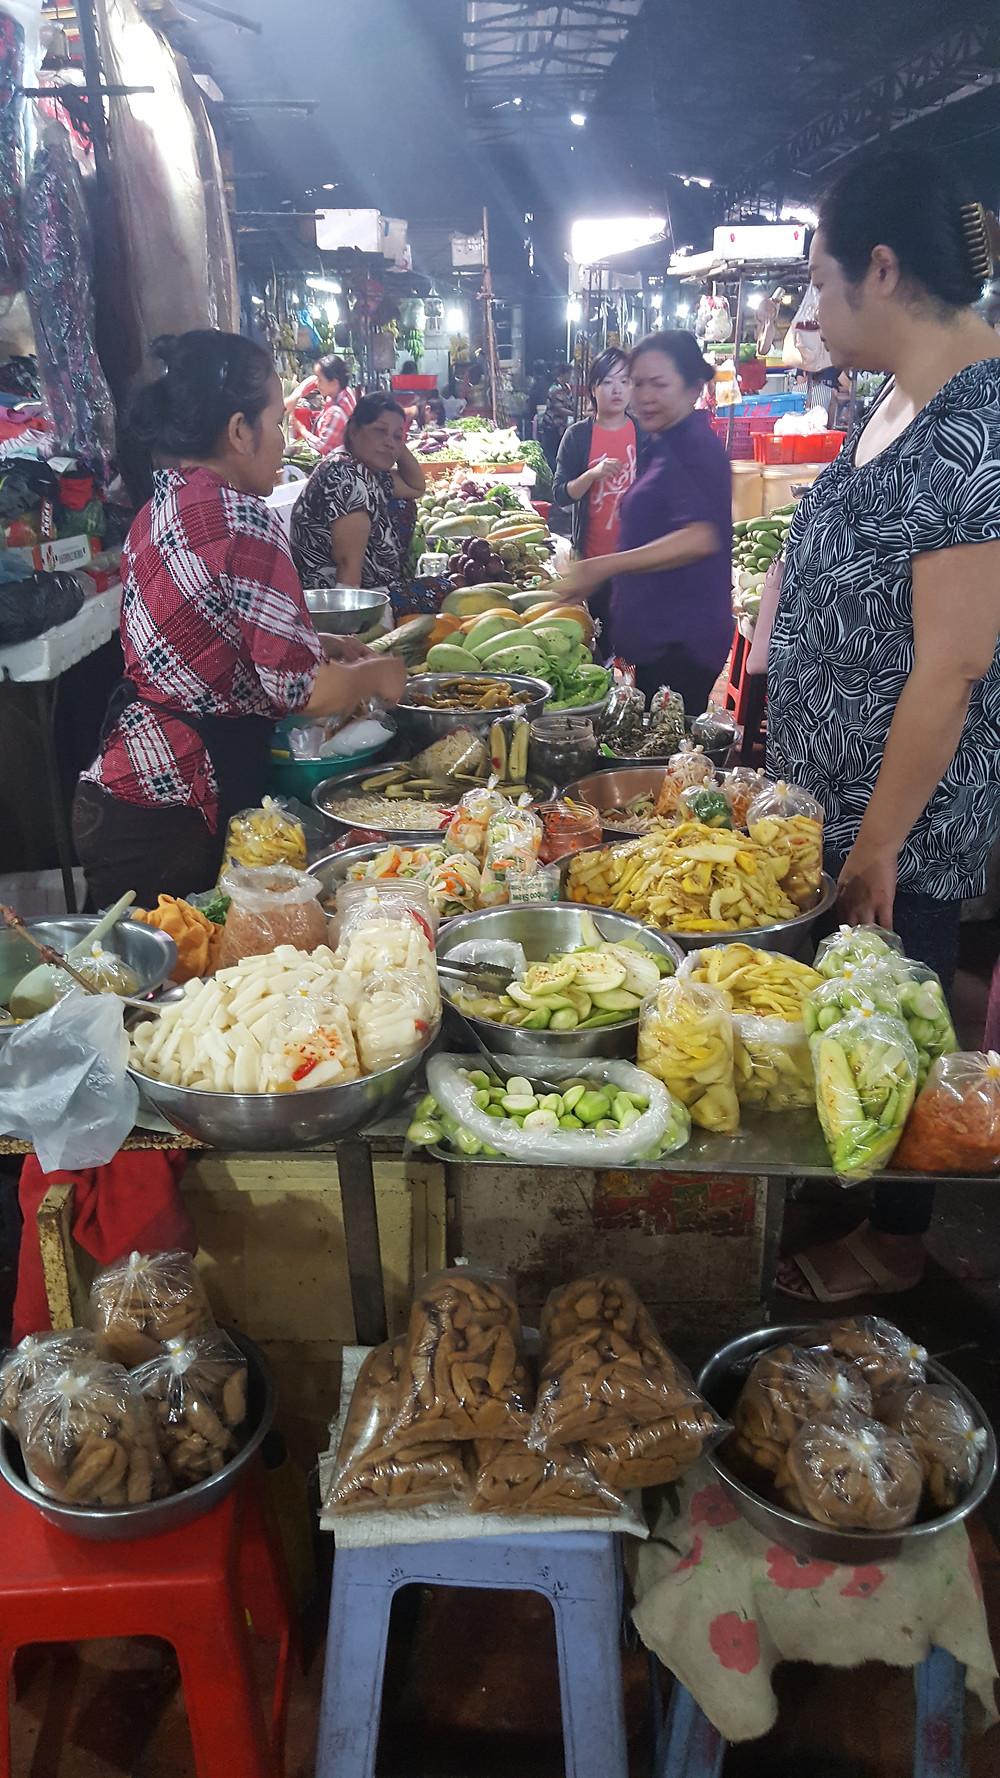 Eingelegtes Gemüse und Obst